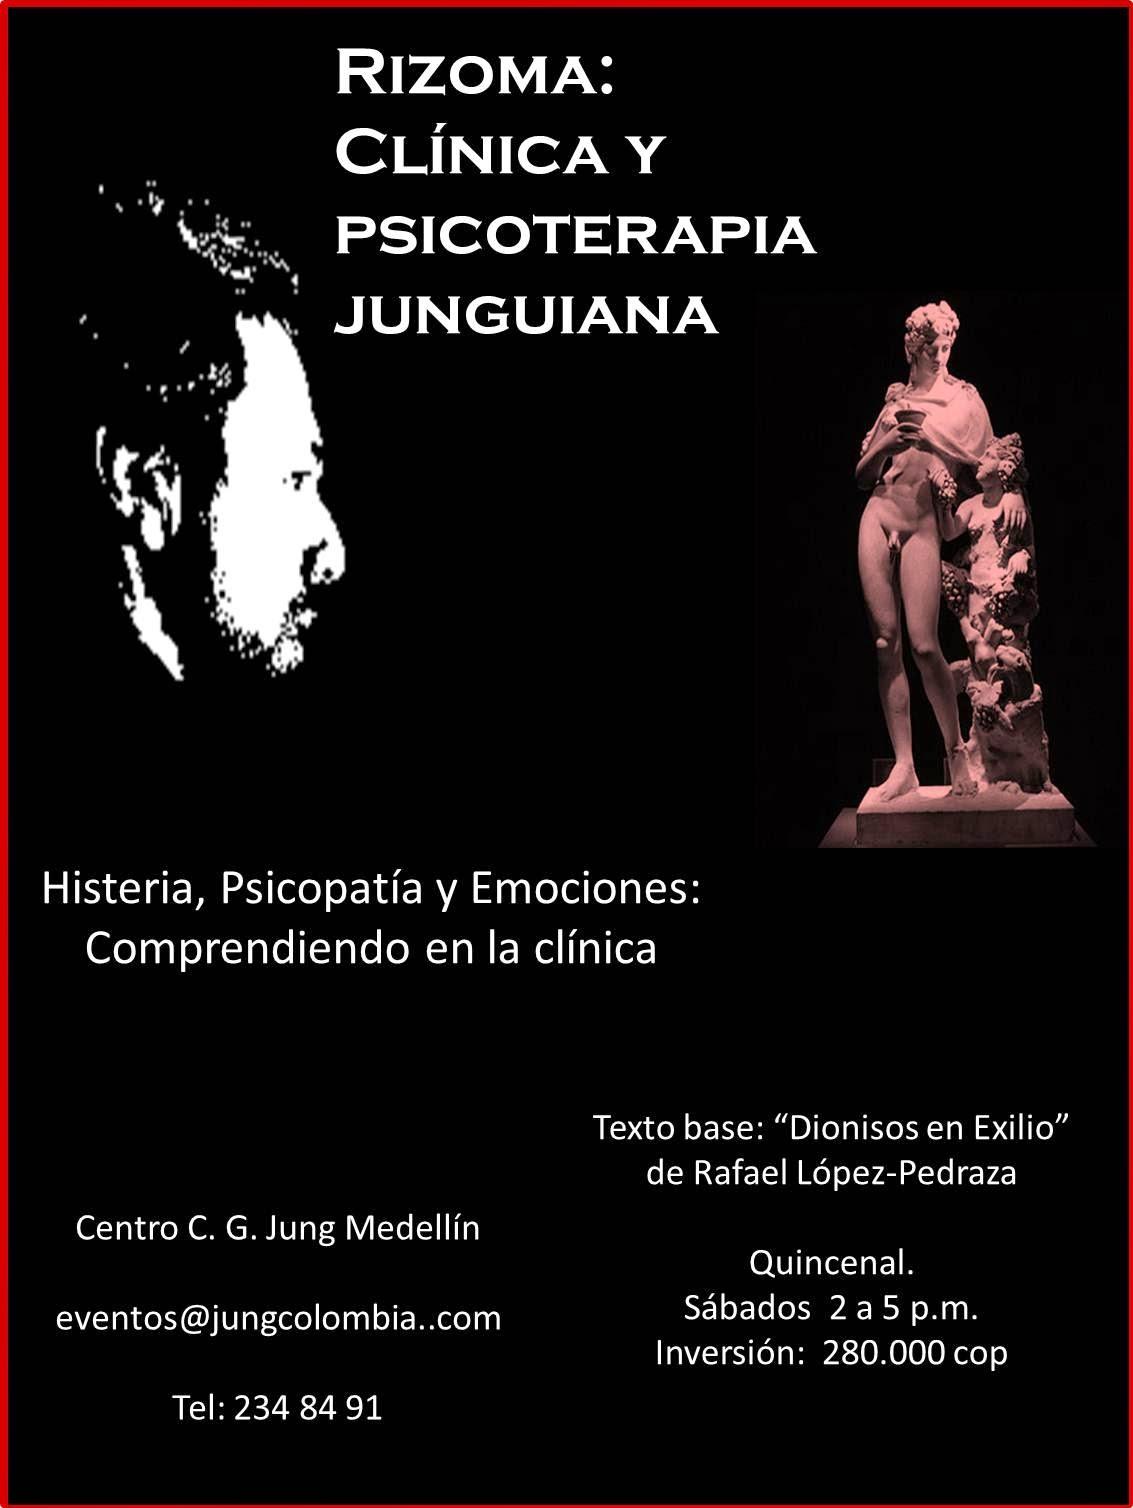 Curso: Clínica y psicoterapia junguiana